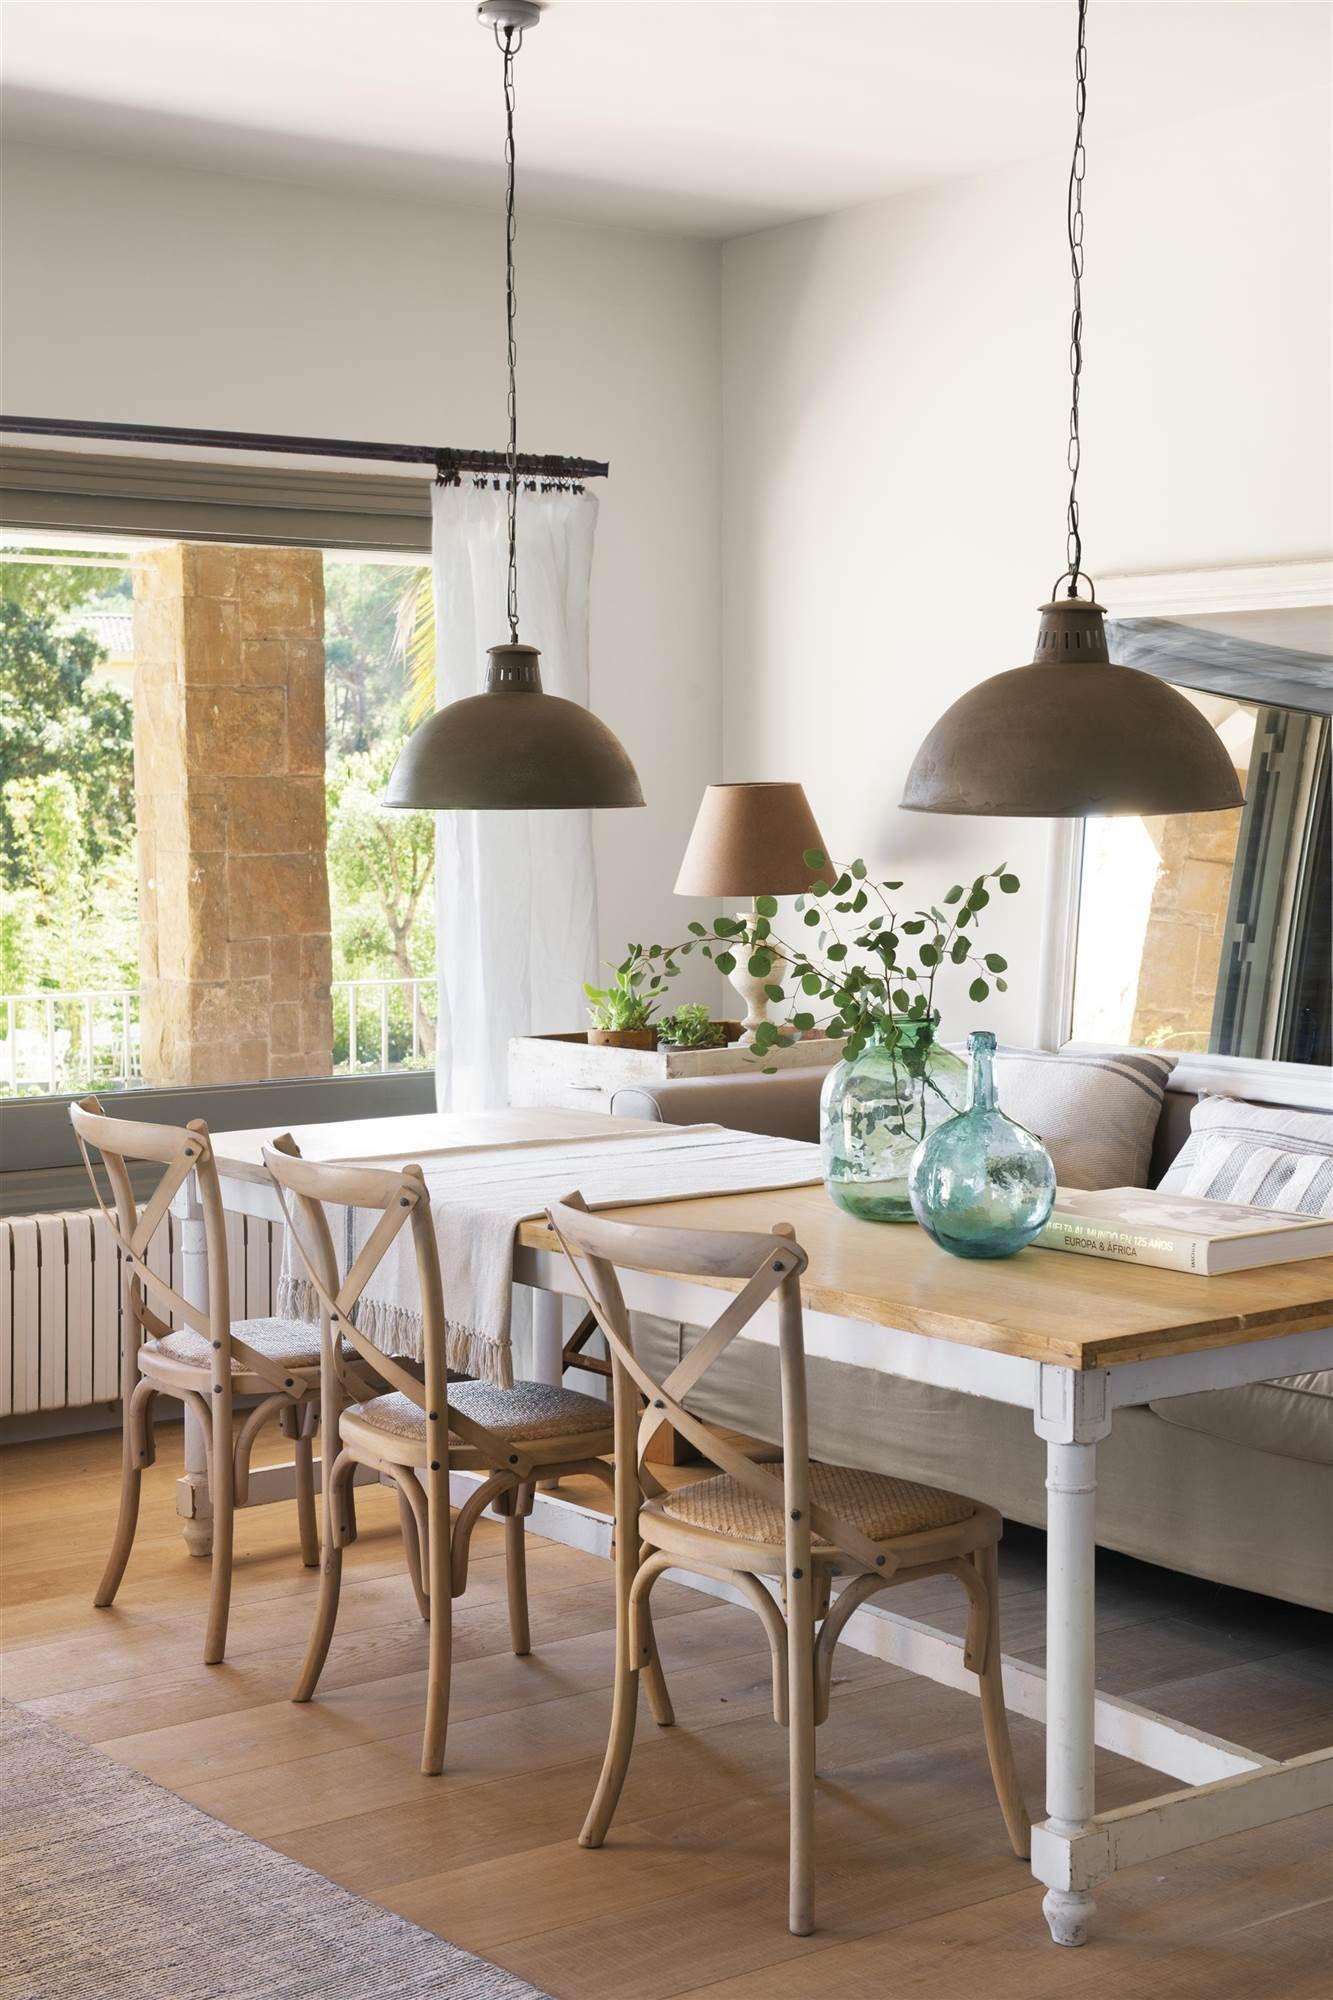 00466784. Comedor de estilo vintage con sillas de madera, un espejo ...